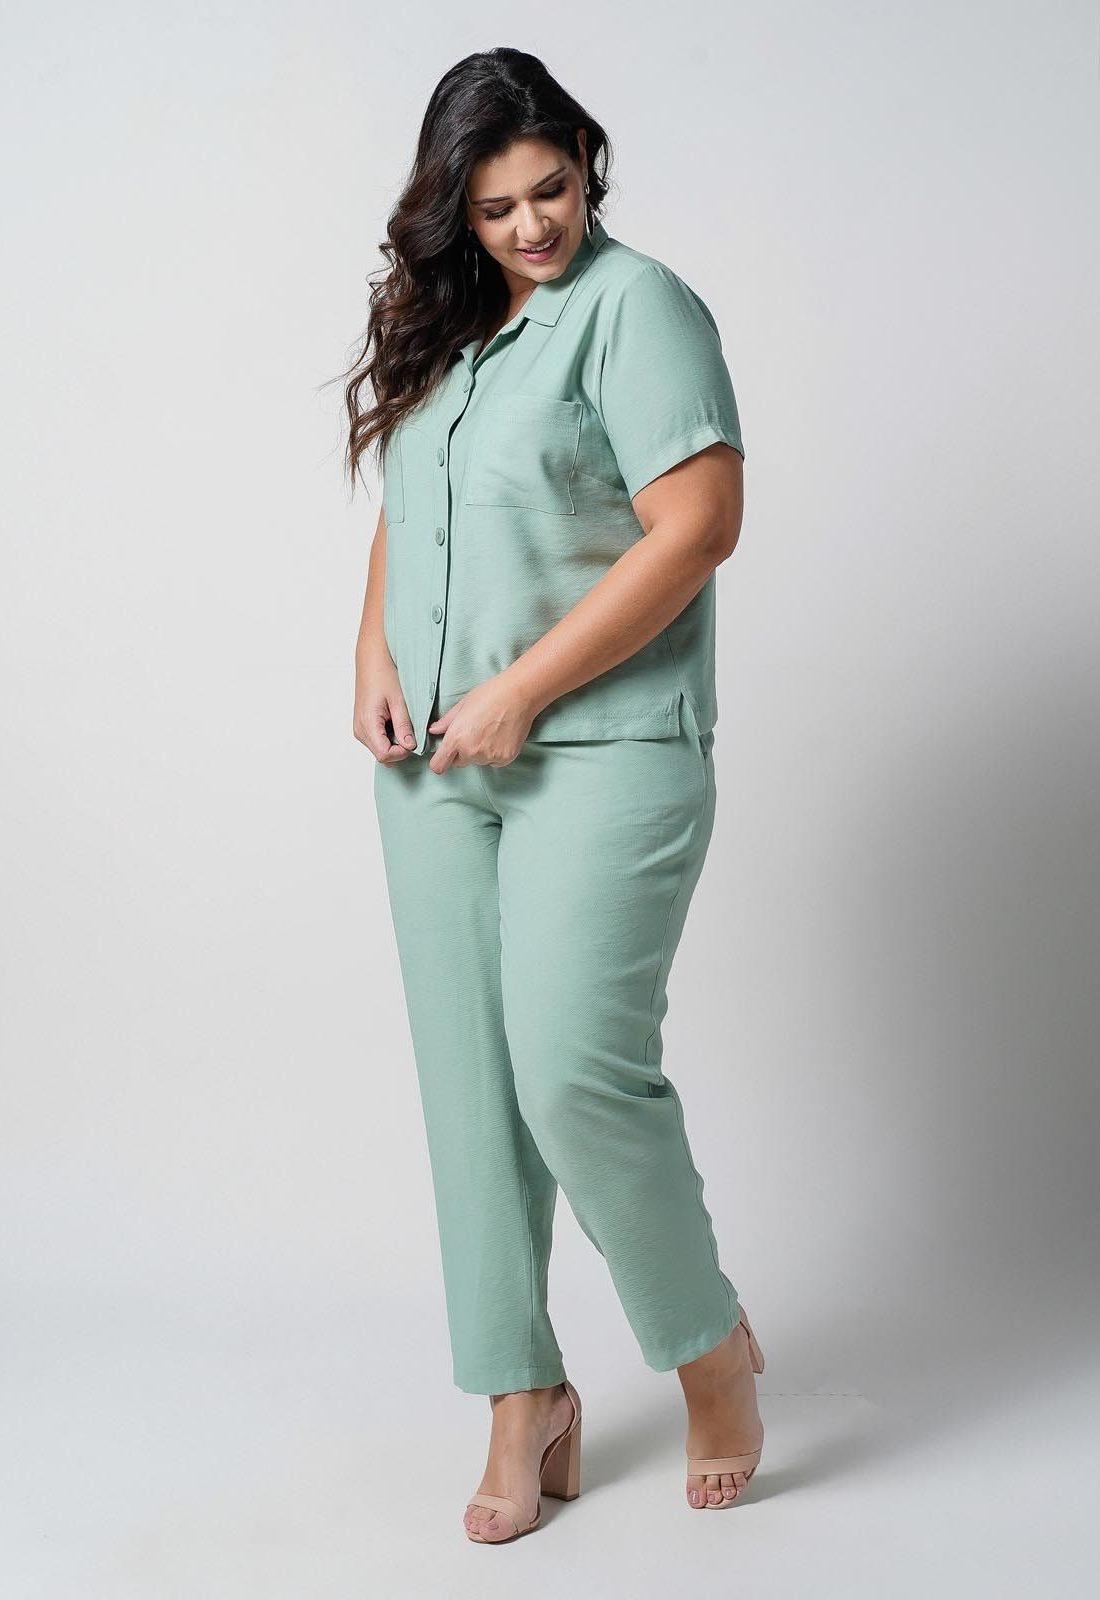 Conjunto  plus size  verde camisa e calça  Ref. U66621